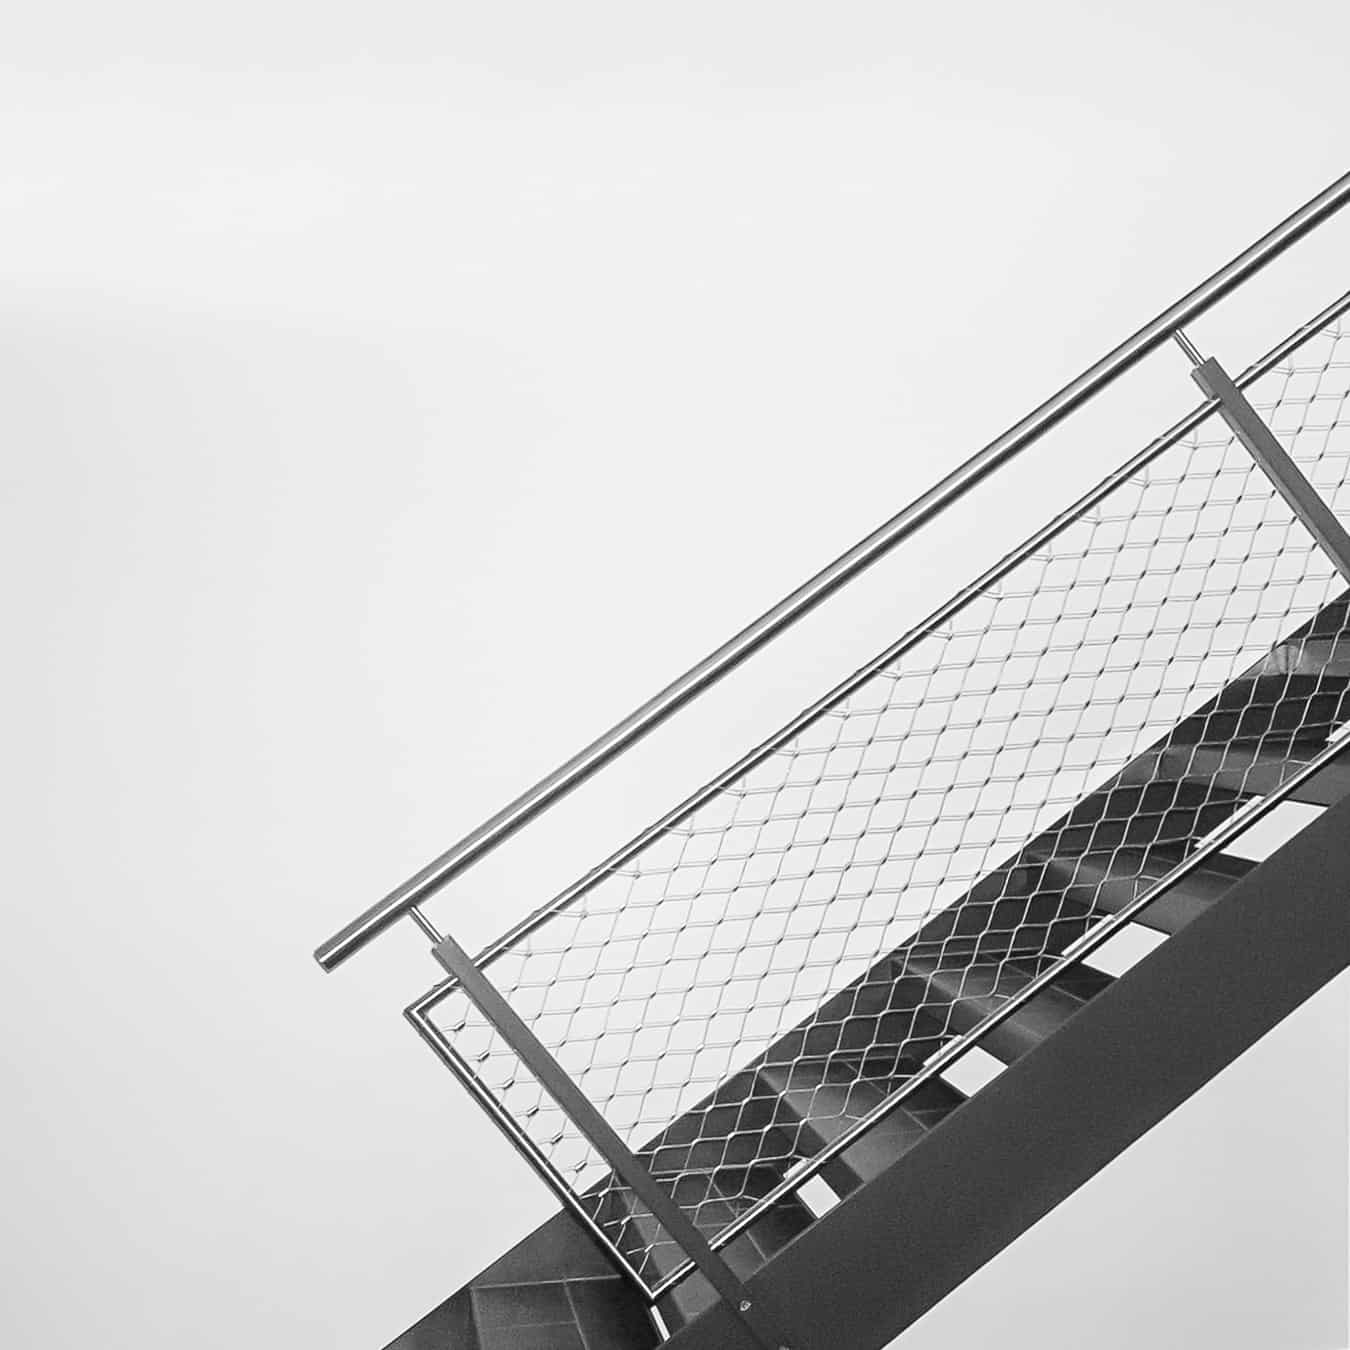 Stahltreppe-Edelstahlnetz